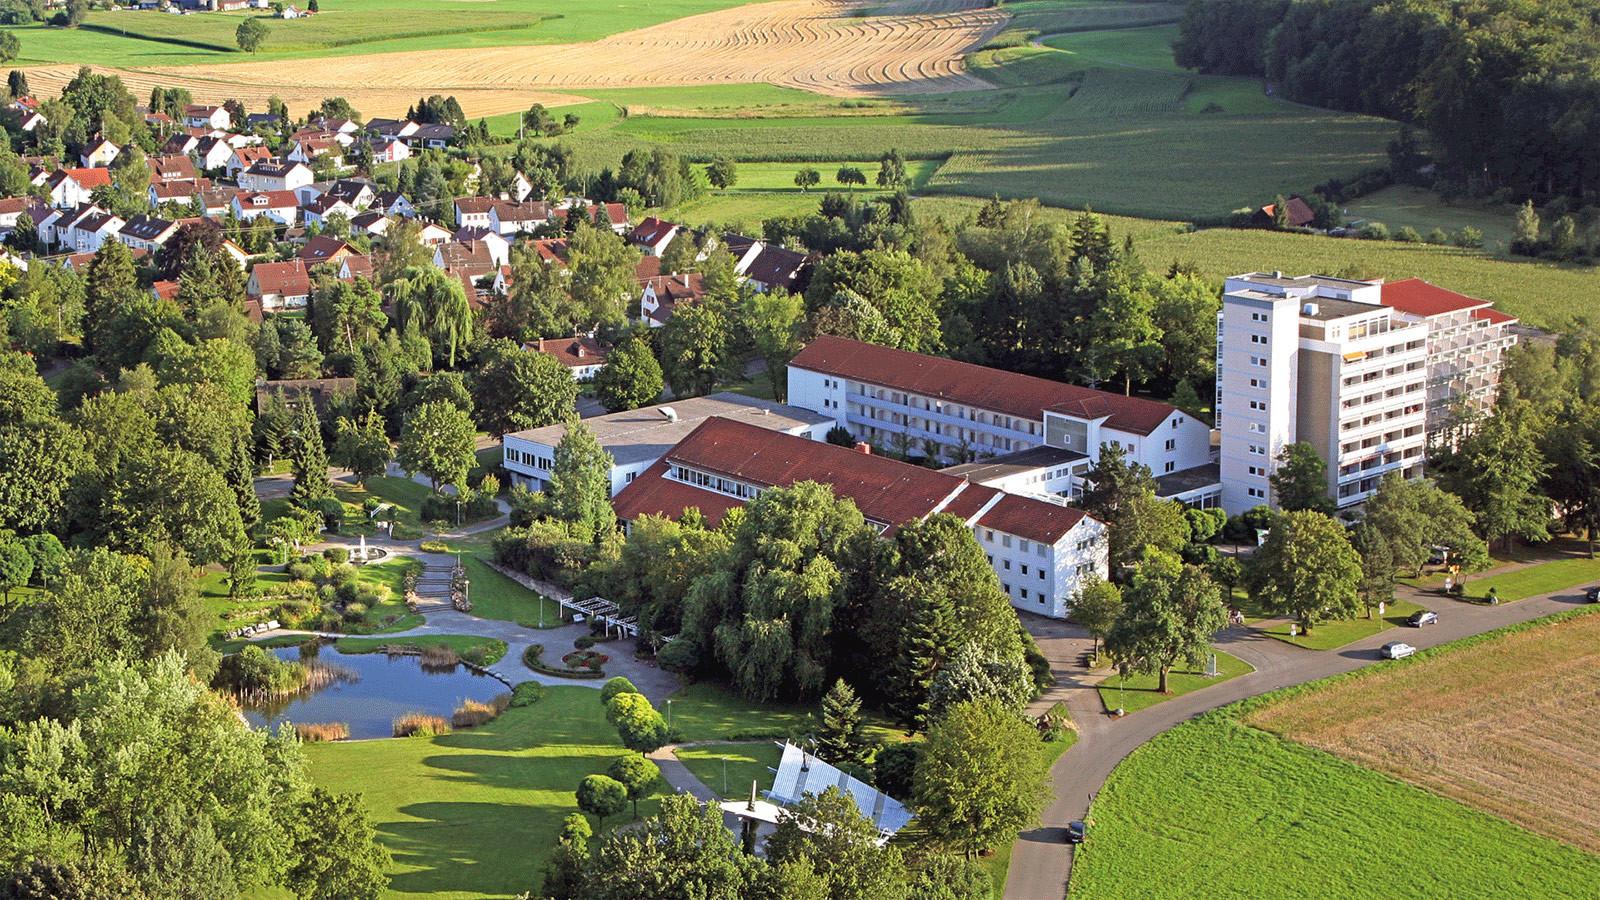 Bad Schussenried Schule: немецкий язык в группе и индивидуально